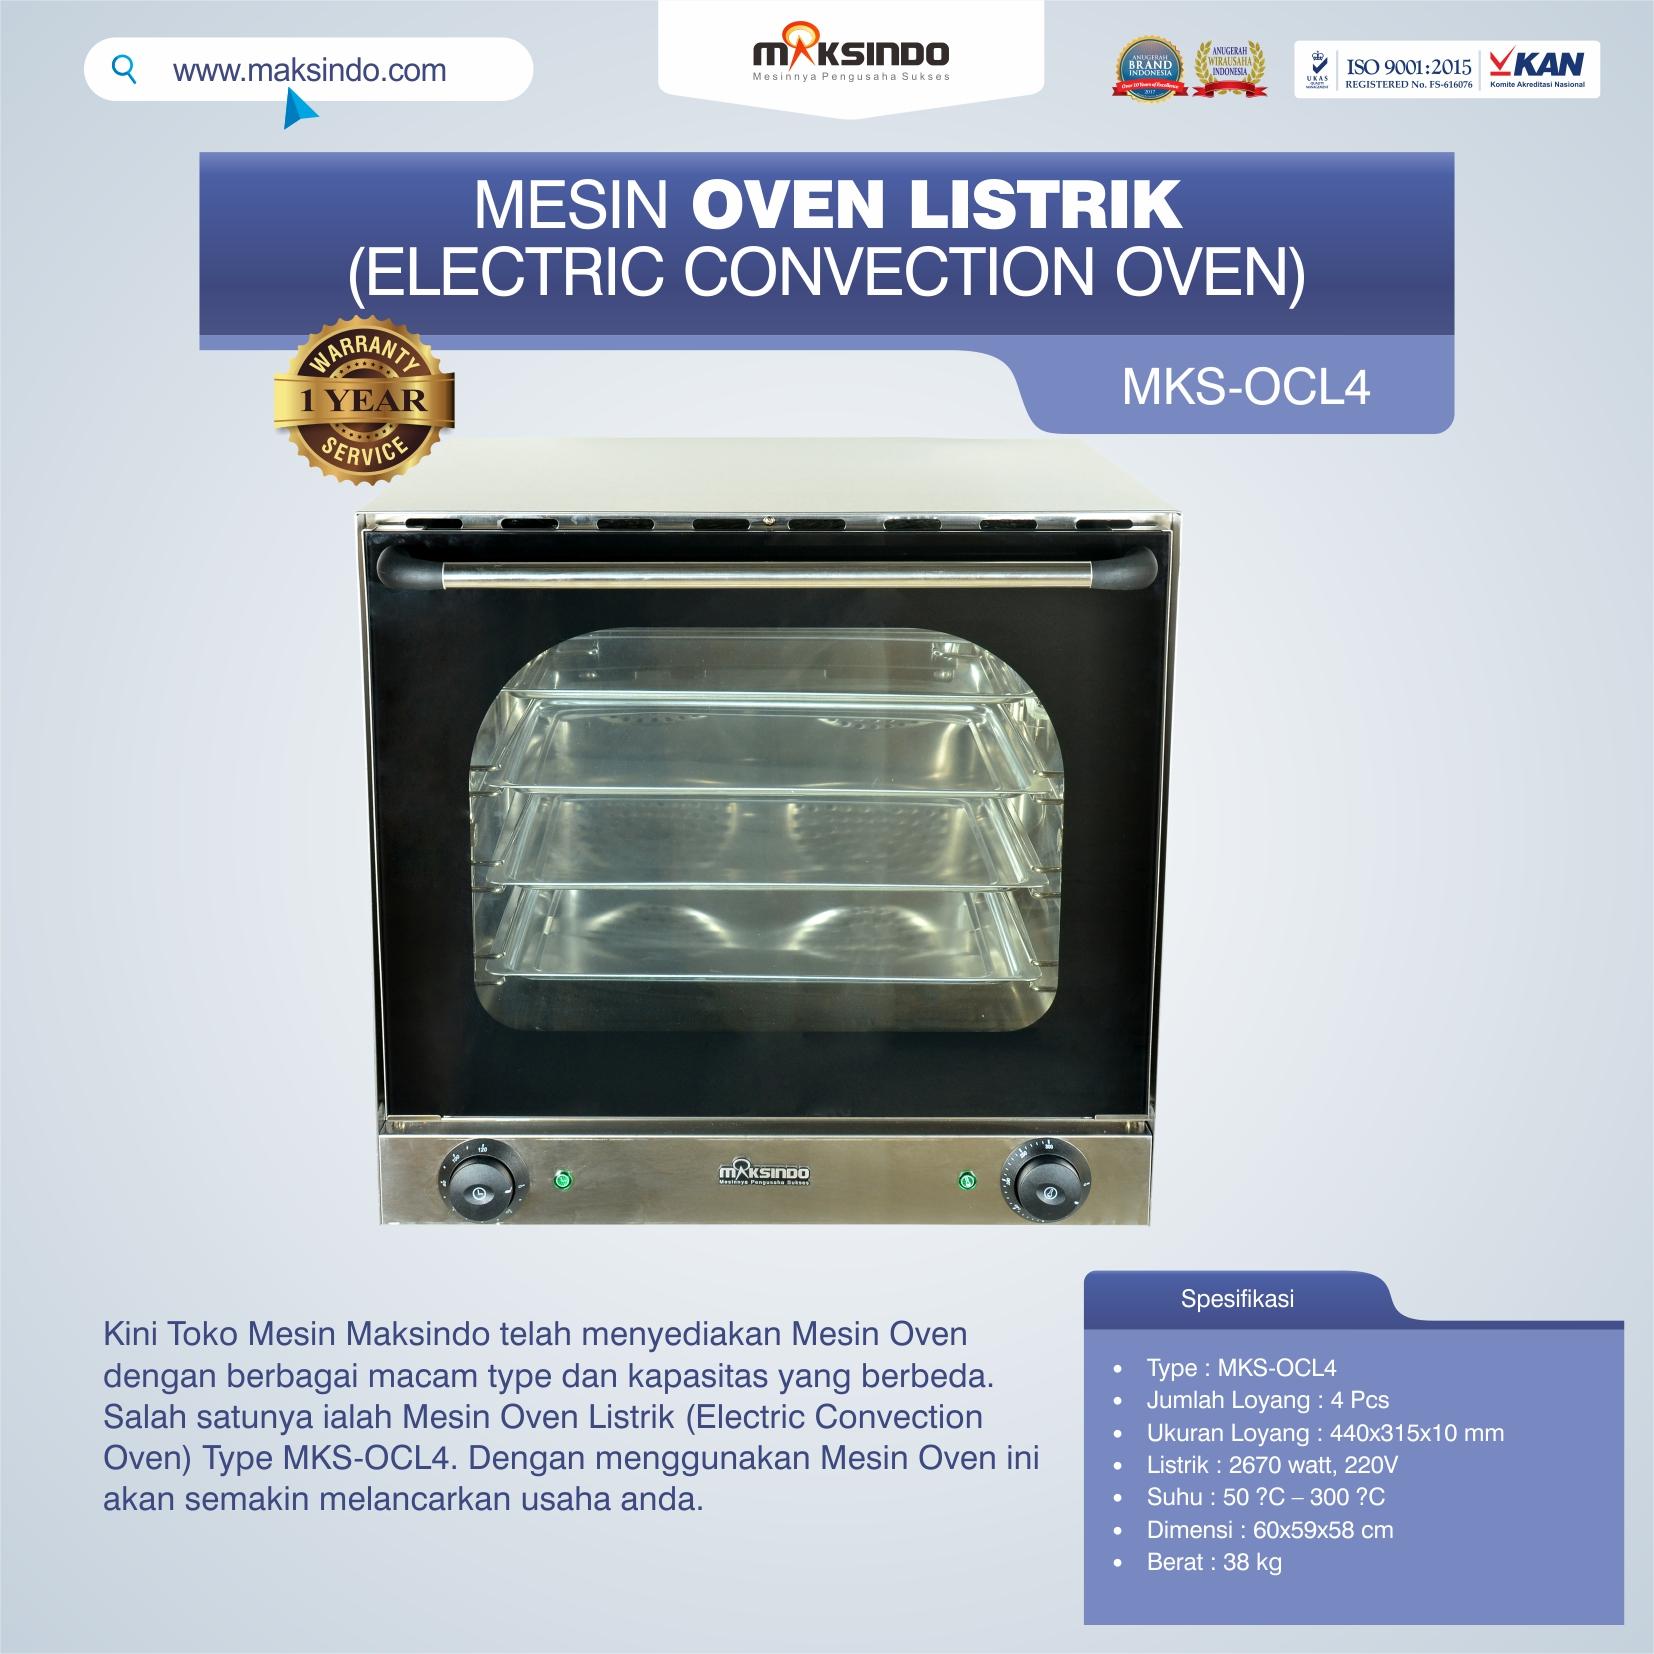 Jual Mesin Oven Listrik (Electric Convection Oven) MKS-OCL4 di Bekasi